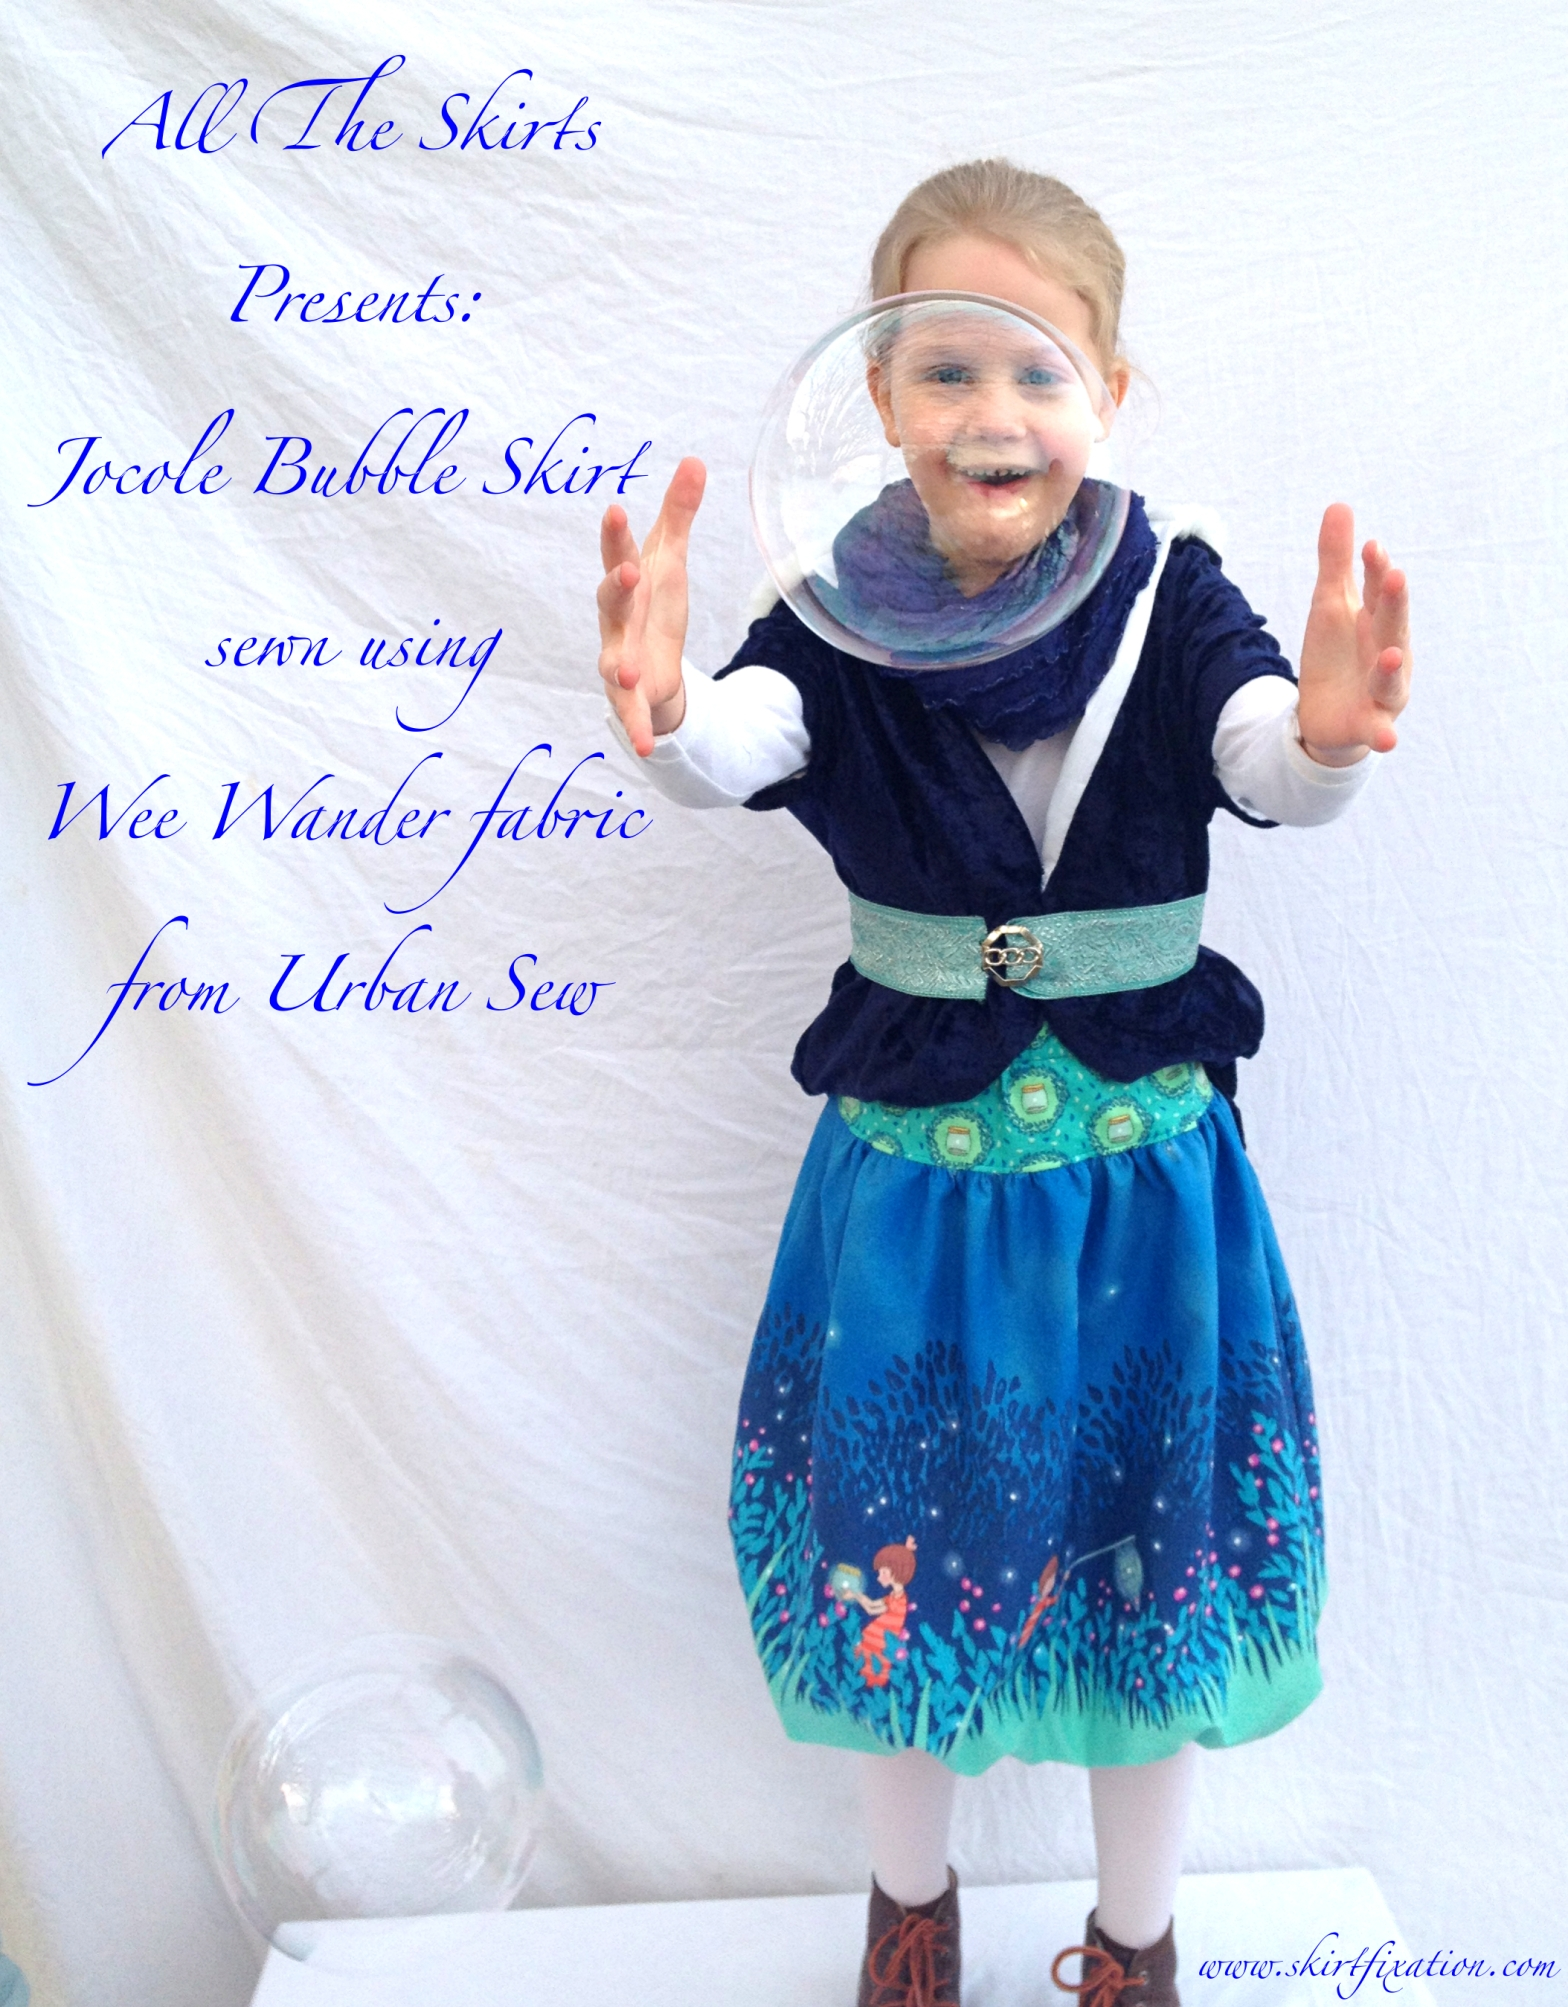 Jocole bubble skirt sewn by Skirt Fixation using Urban Sew fabric